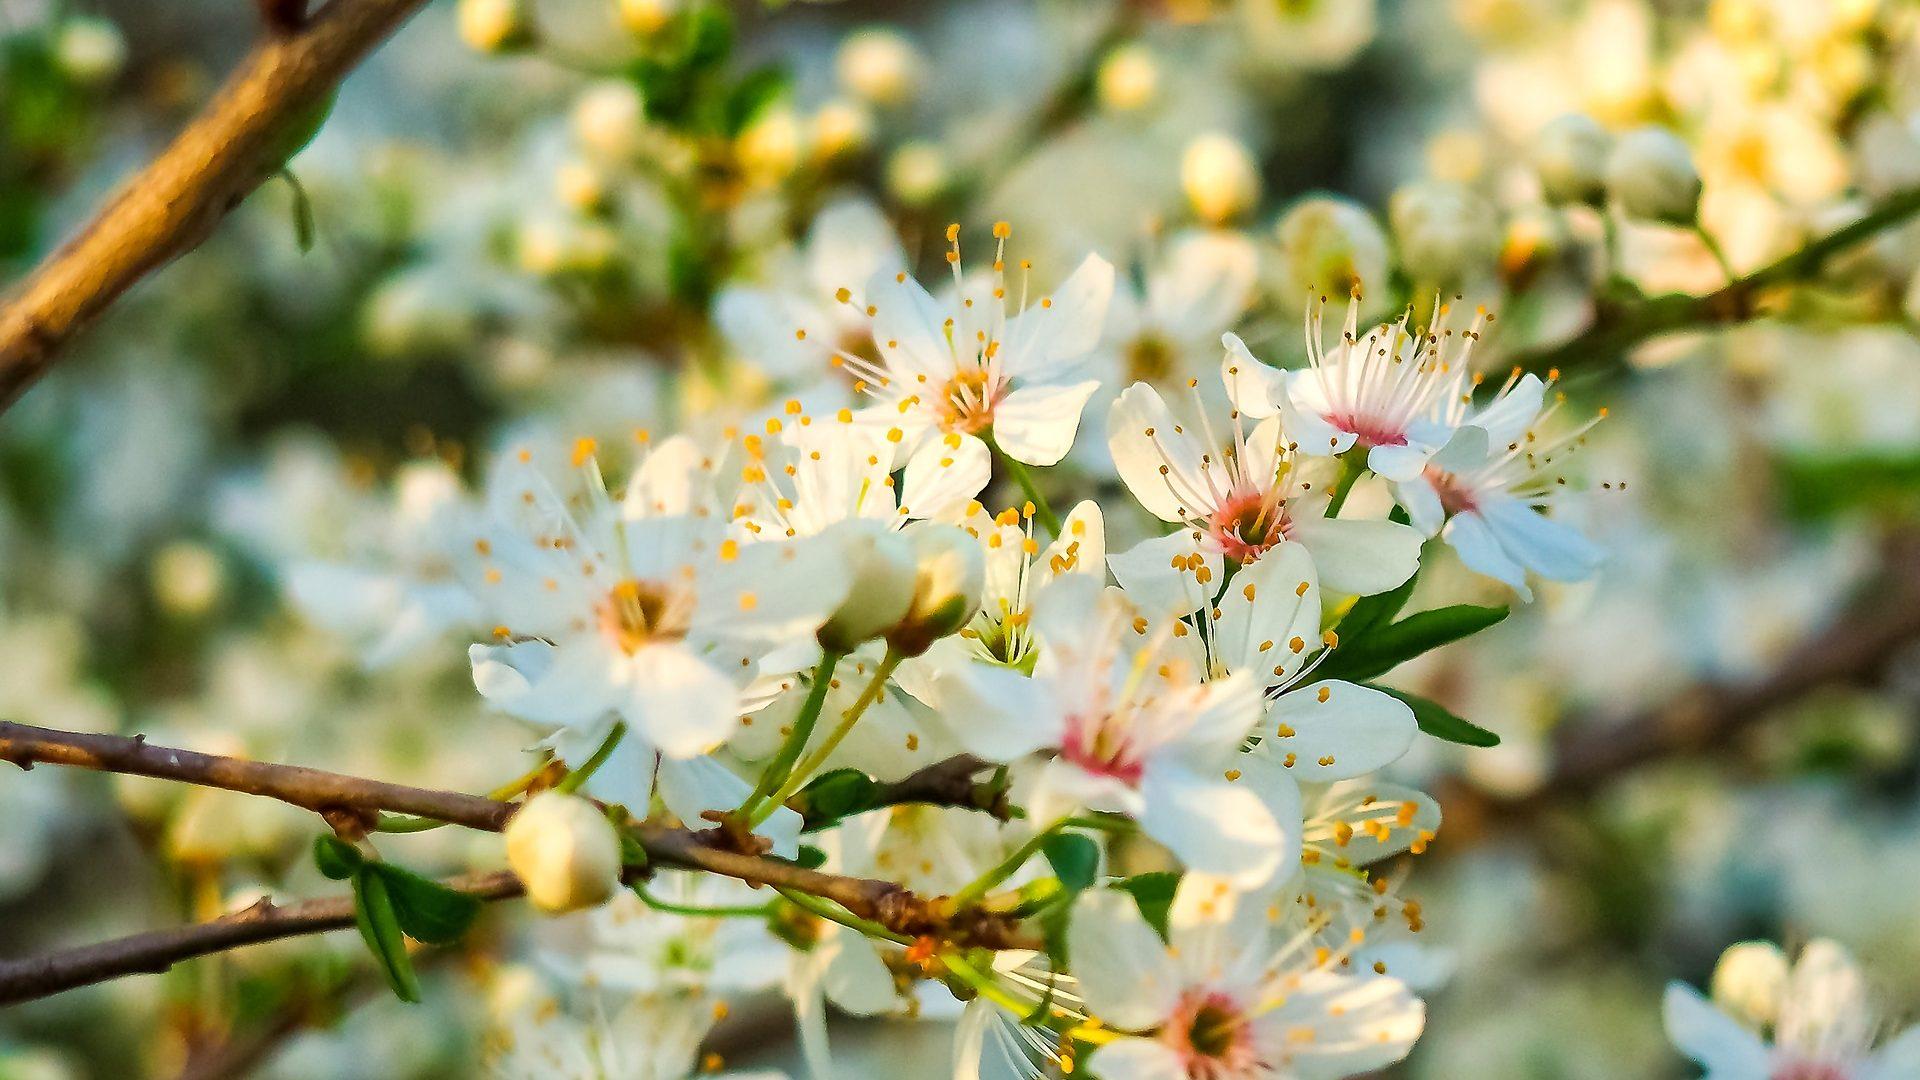 sour-cherry blossom-2149330_1920